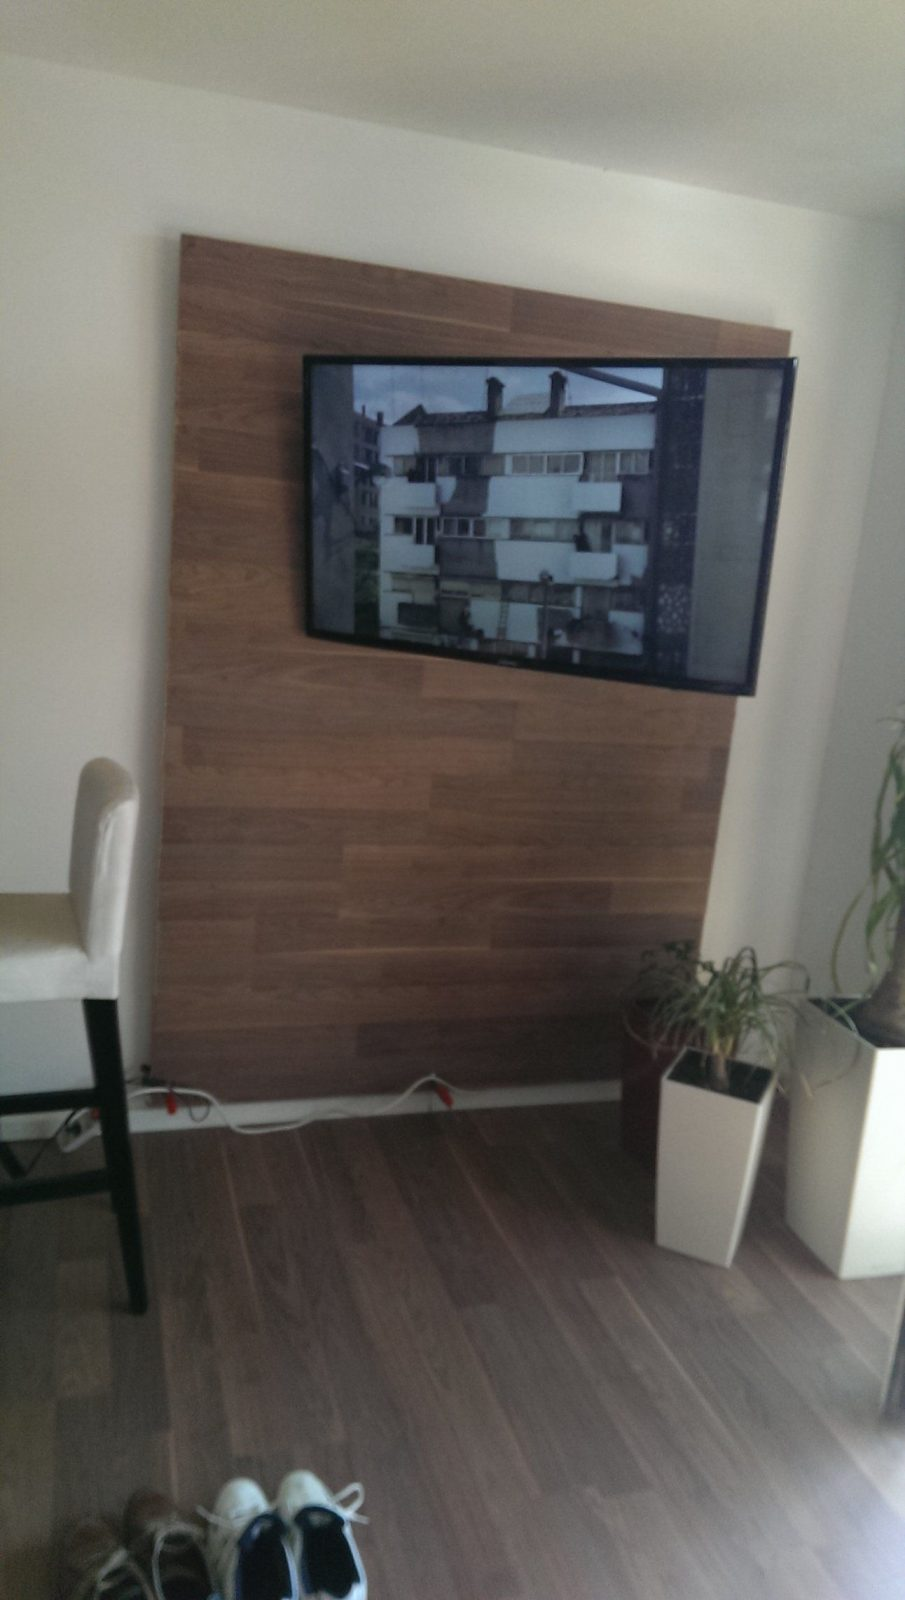 tv wand selber bauen ikea, tv wand selber bauen rigips ikea von tv wand selber bauen ikea bild, Design ideen